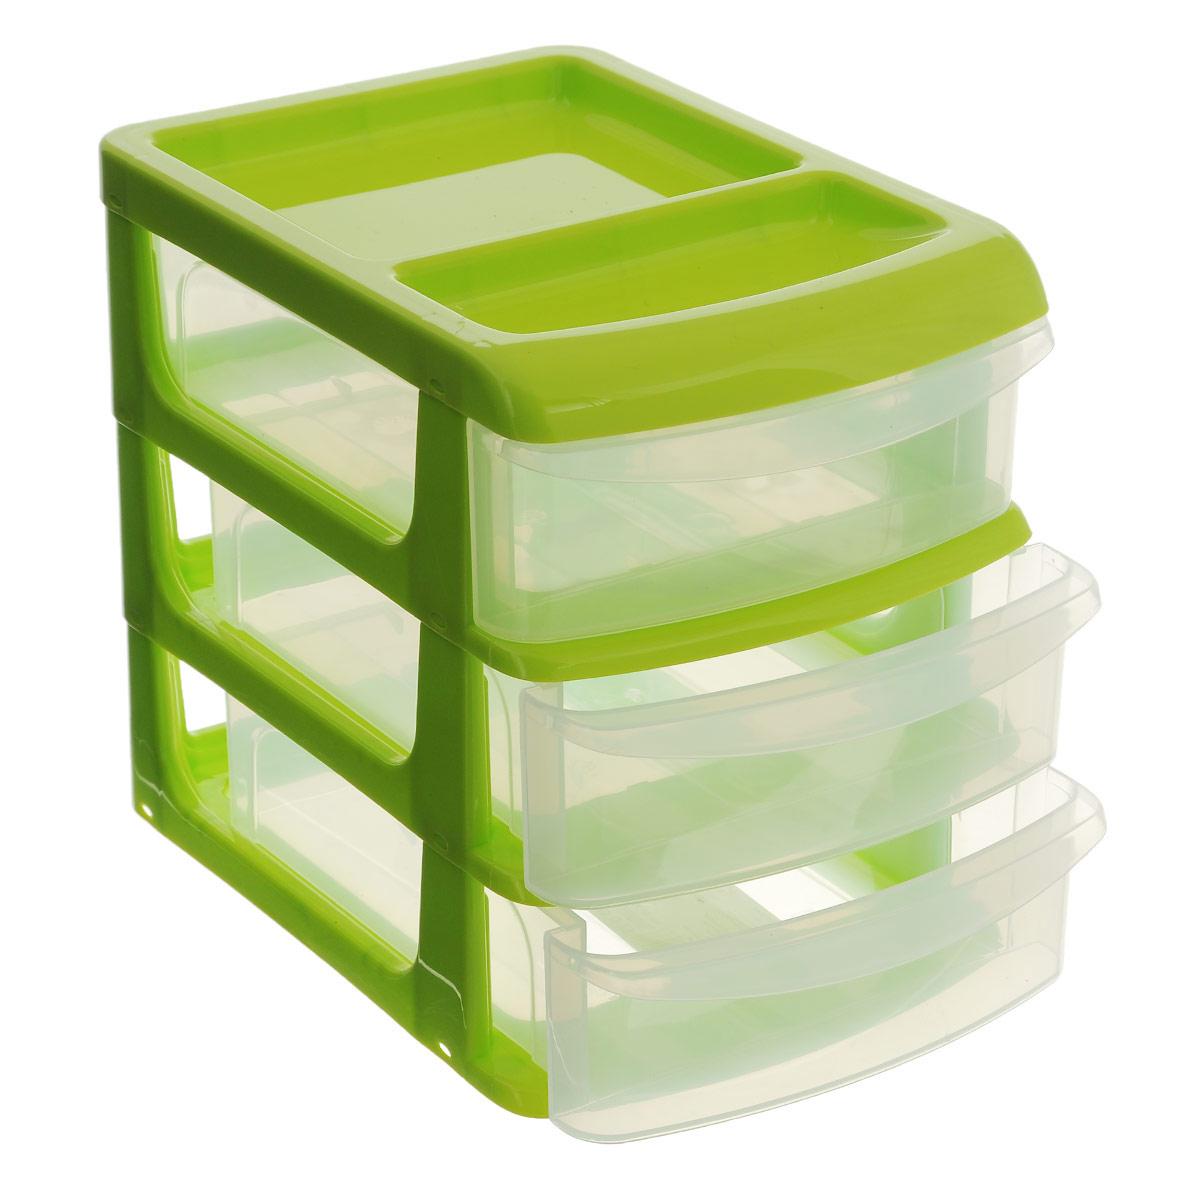 Бокс универсальный Idea, 3 секции, цвет салатовый, 20 см х 14,5 см х 18 смМ 2763 салатовый;М 2763 салатовыйУниверсальный бокс Idea выполнен из высококачественного пластика и имеет три удобные выдвижные секции. Бокс предназначен для хранения предметов шитья и рукоделия, мелких бытовых предметов и всех необходимых мелочей. Изделие позволит компактно хранить вещи, поддерживая порядок и уют в вашем доме. Размер бокса: 20 см х 14,5 см х 18 см.Внутренний размер секции: 19 см х 13 см х 4,8 см.